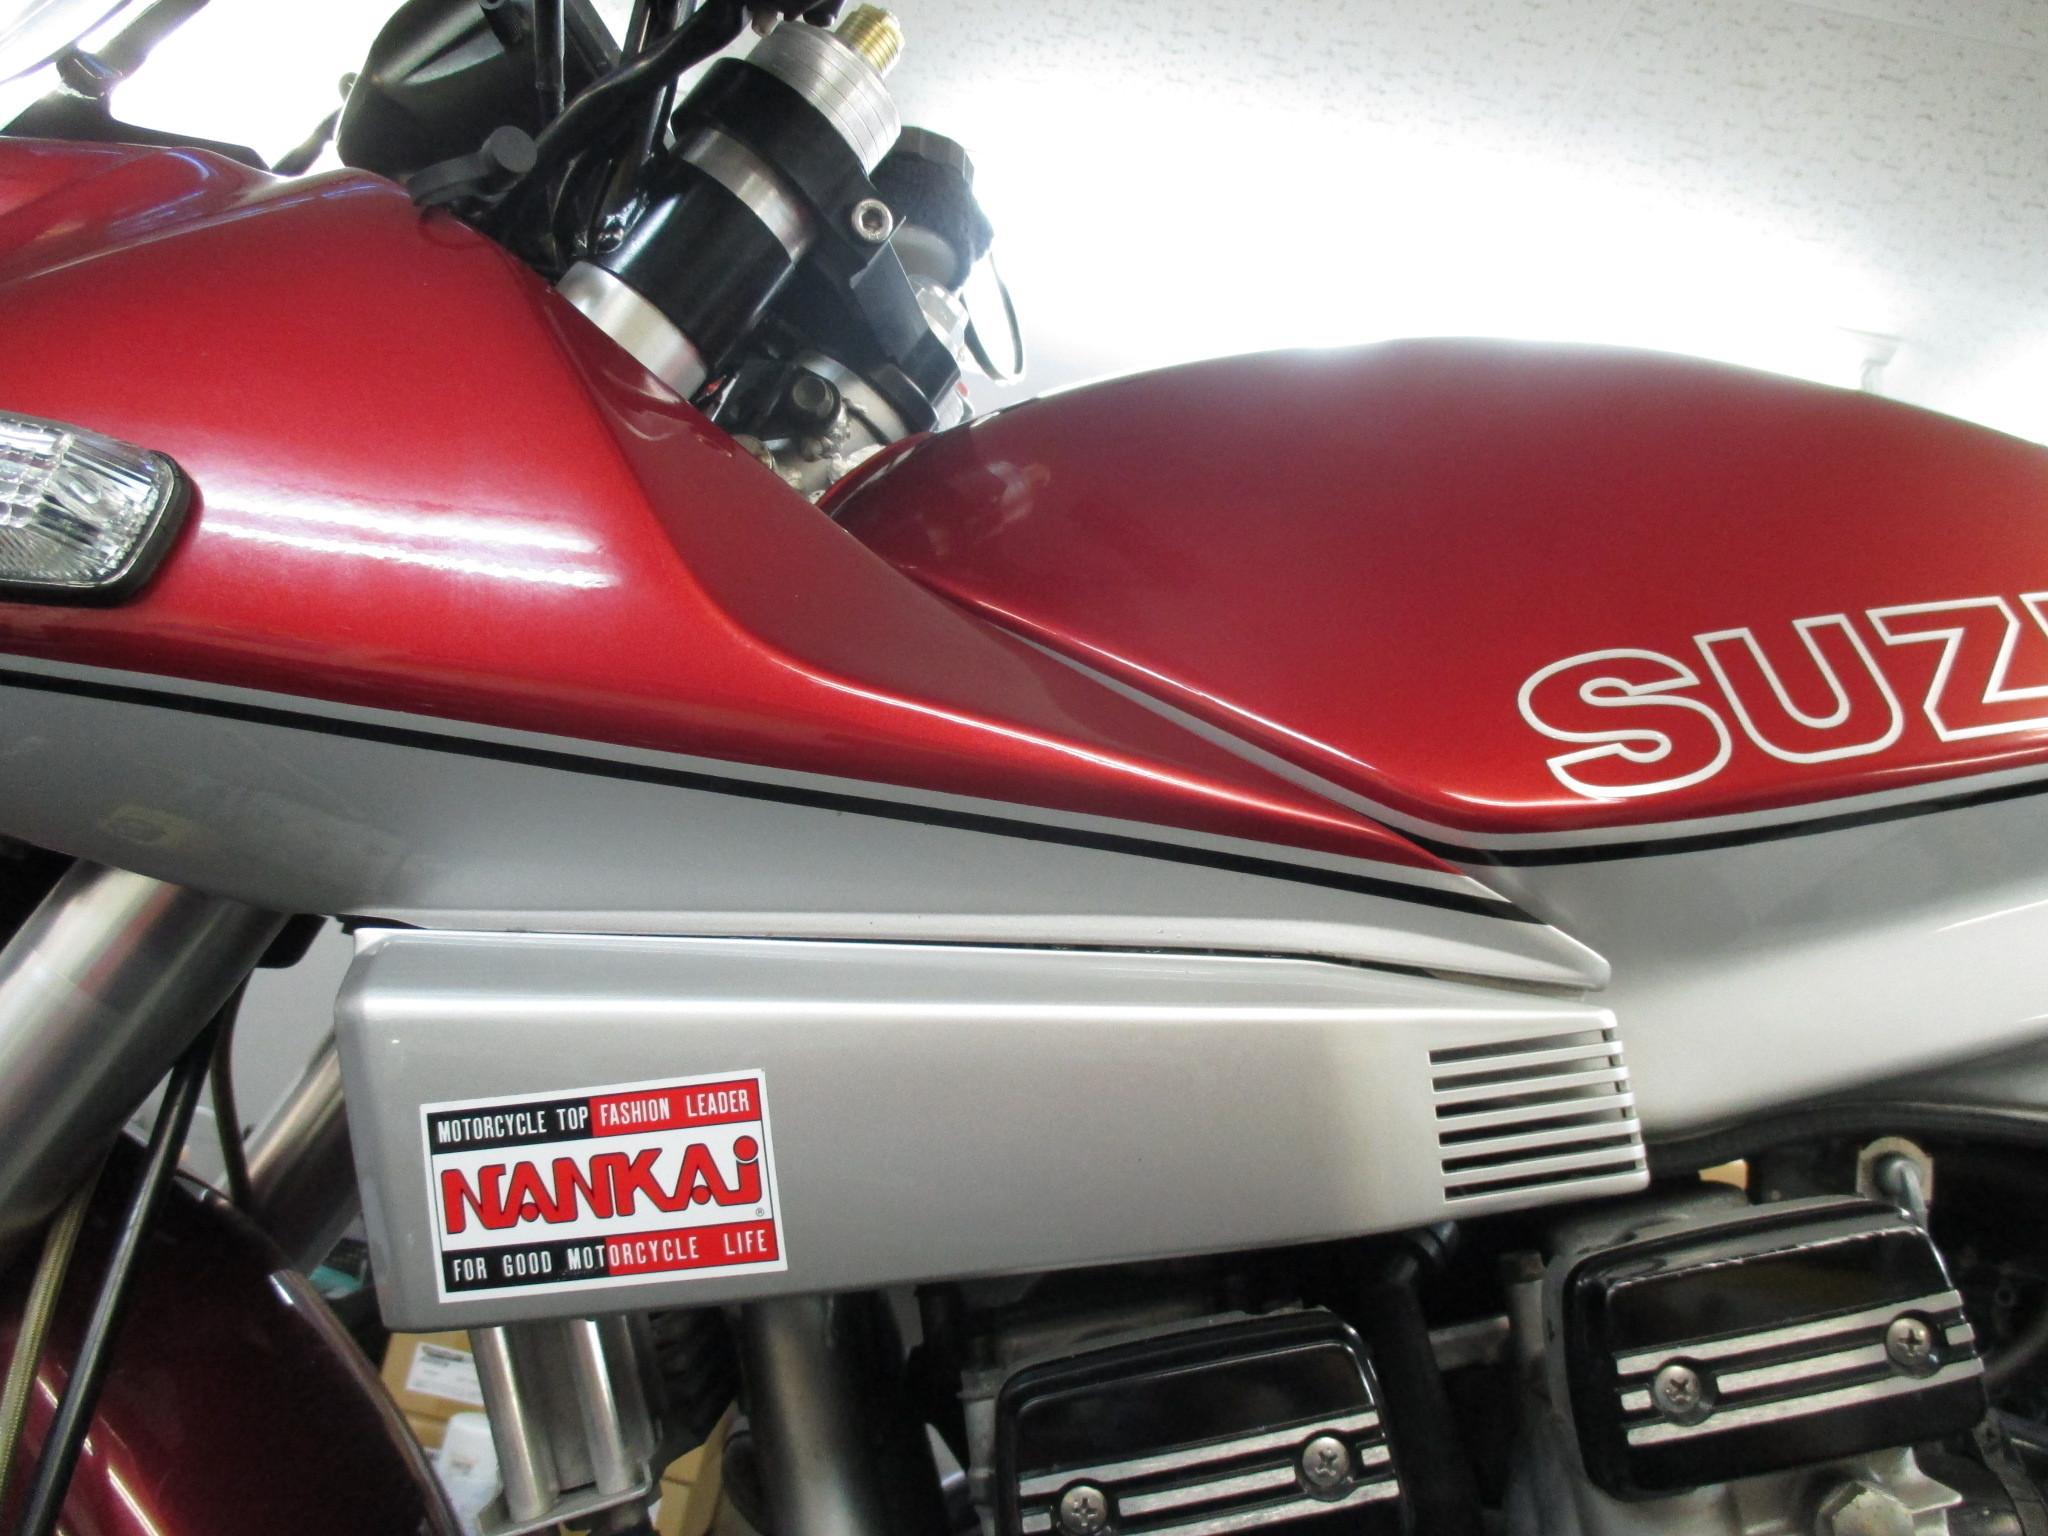 「南海部品」はヘルメットなどの用品からタイヤ・純正パーツにレンタルバイクや車検などトータルサービスを展開中